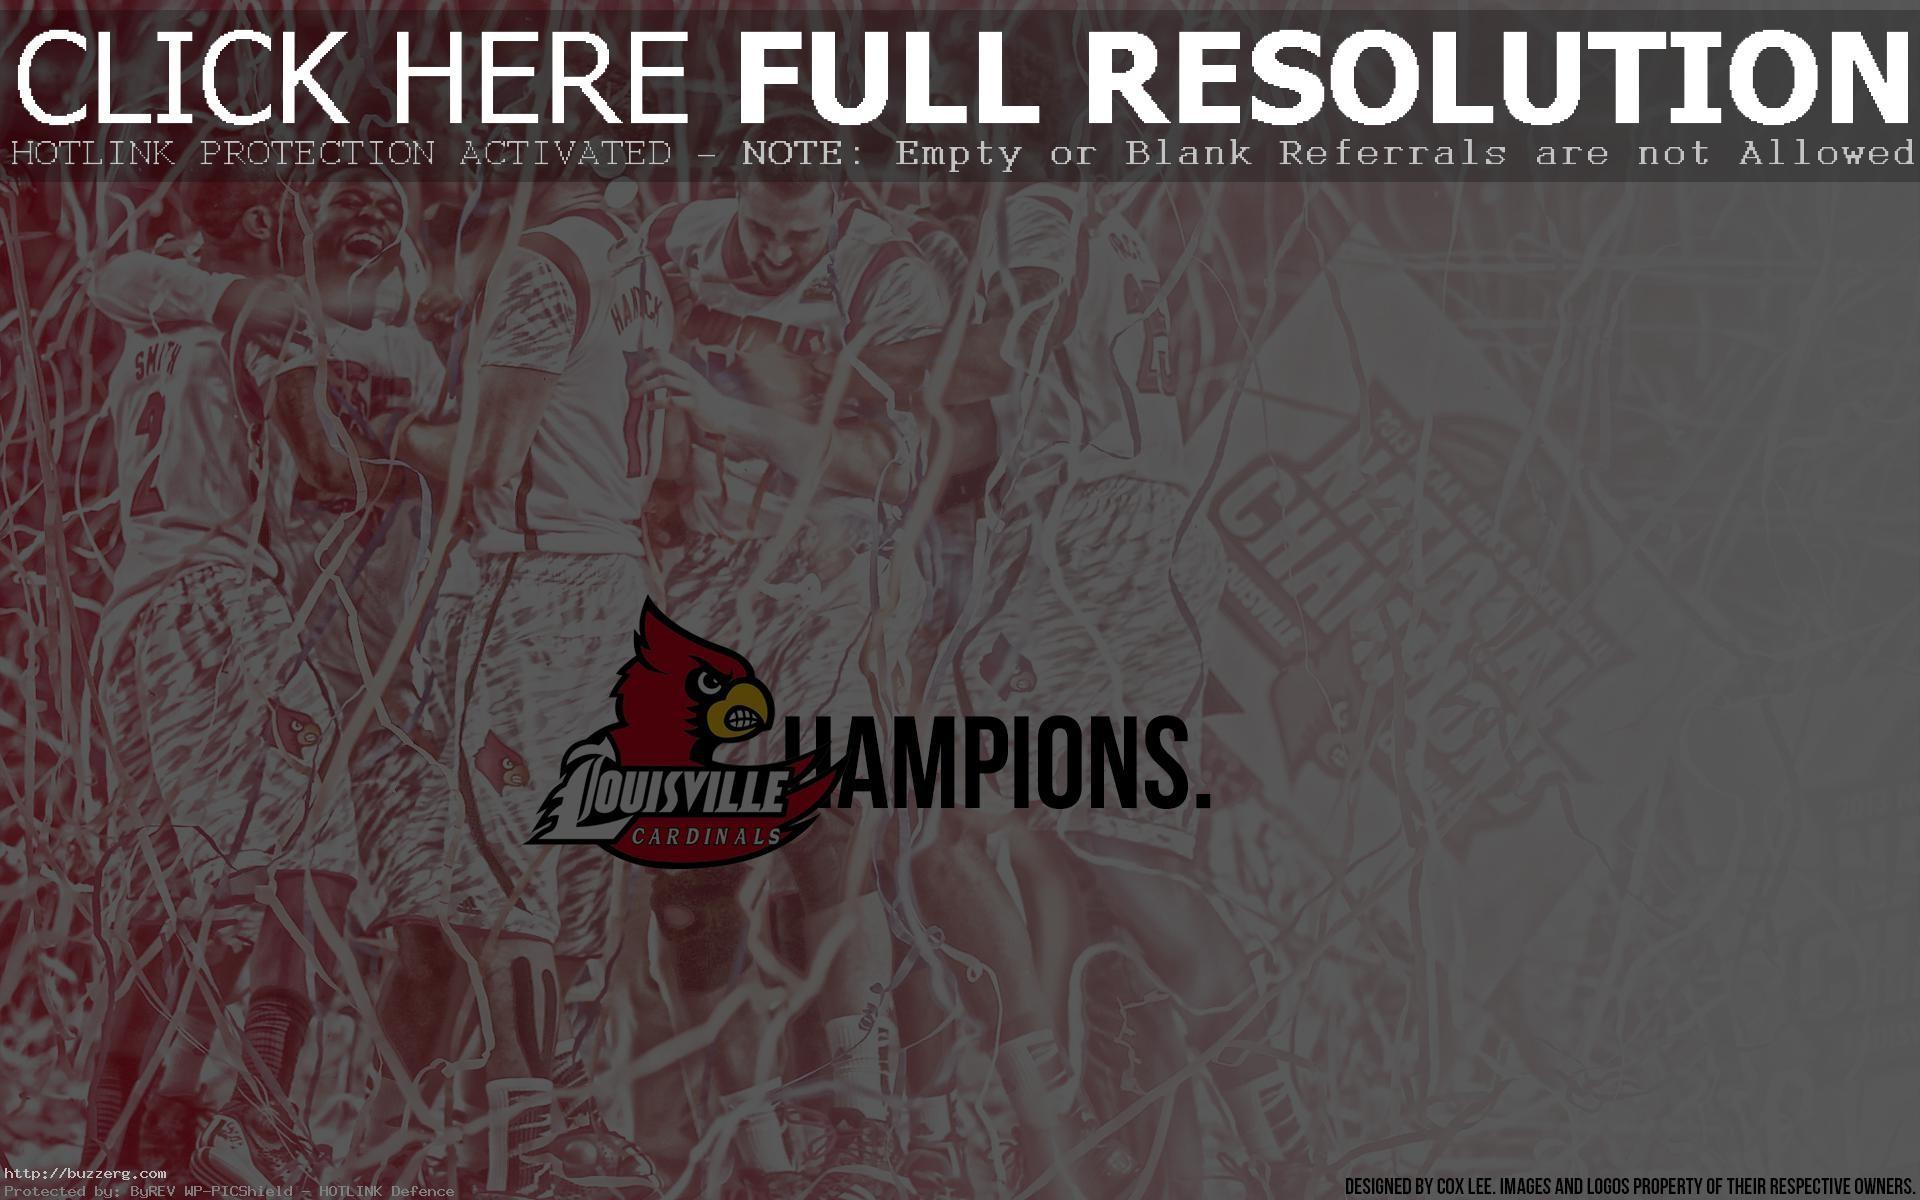 Louisville Cardinals 2013 Ncaa Champions